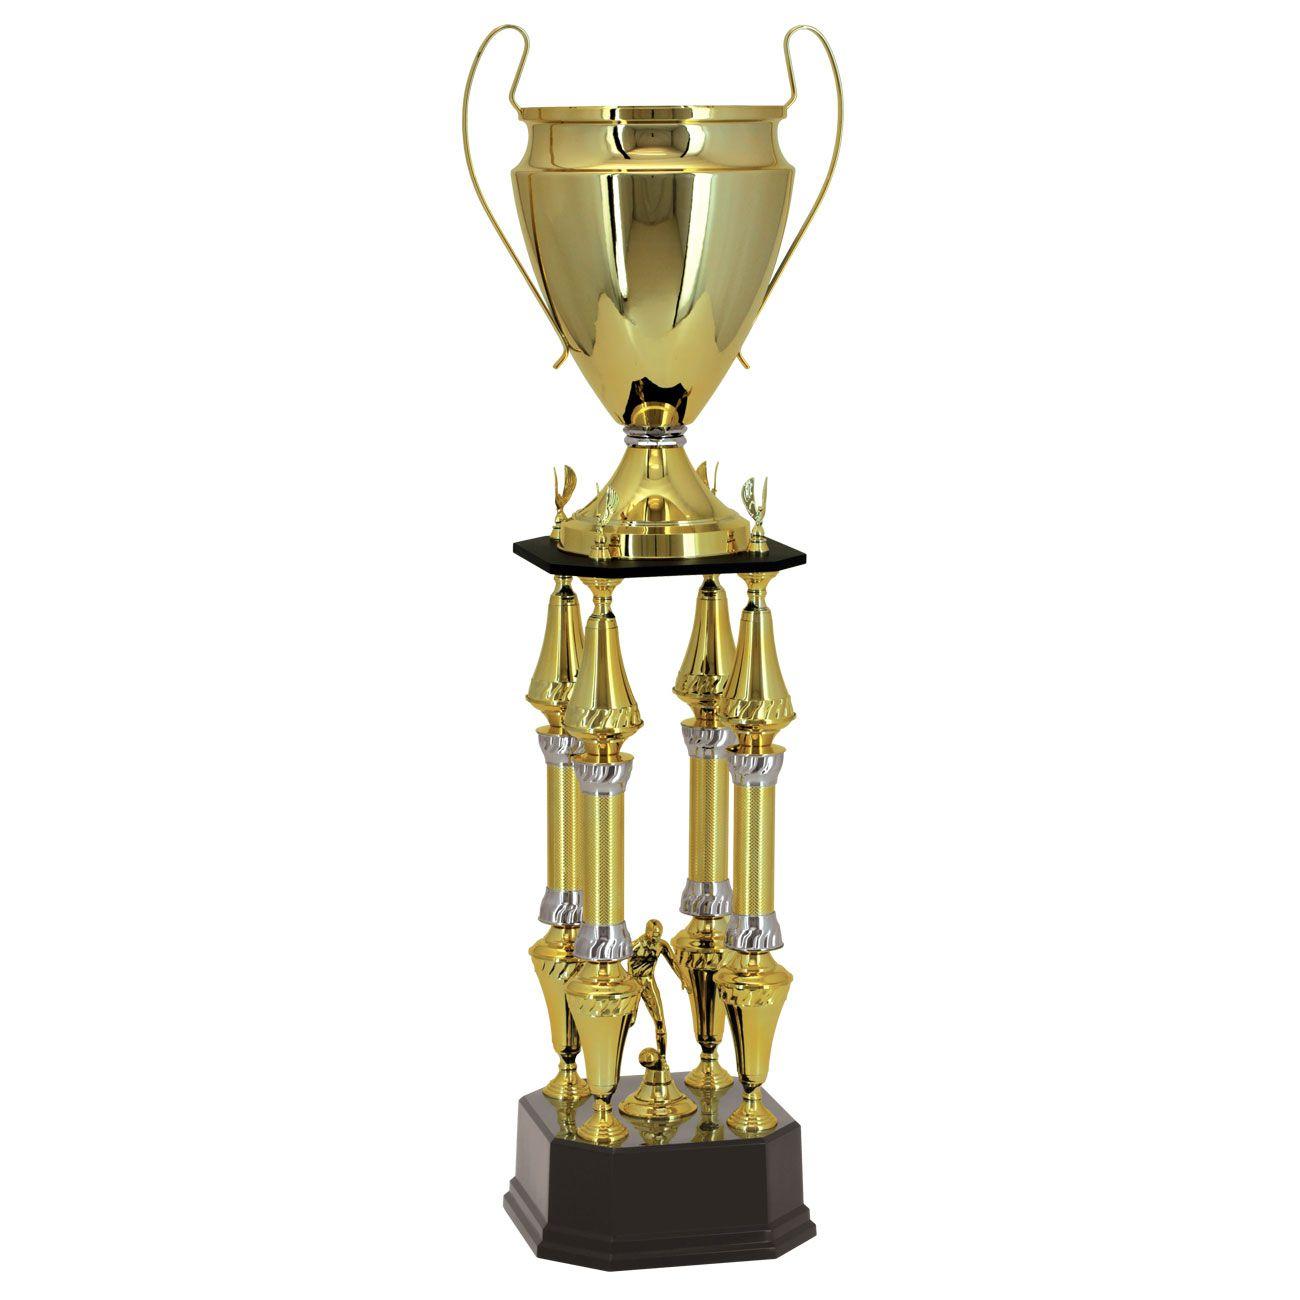 Trofeu Industria Vitória - Tamanho 93cm